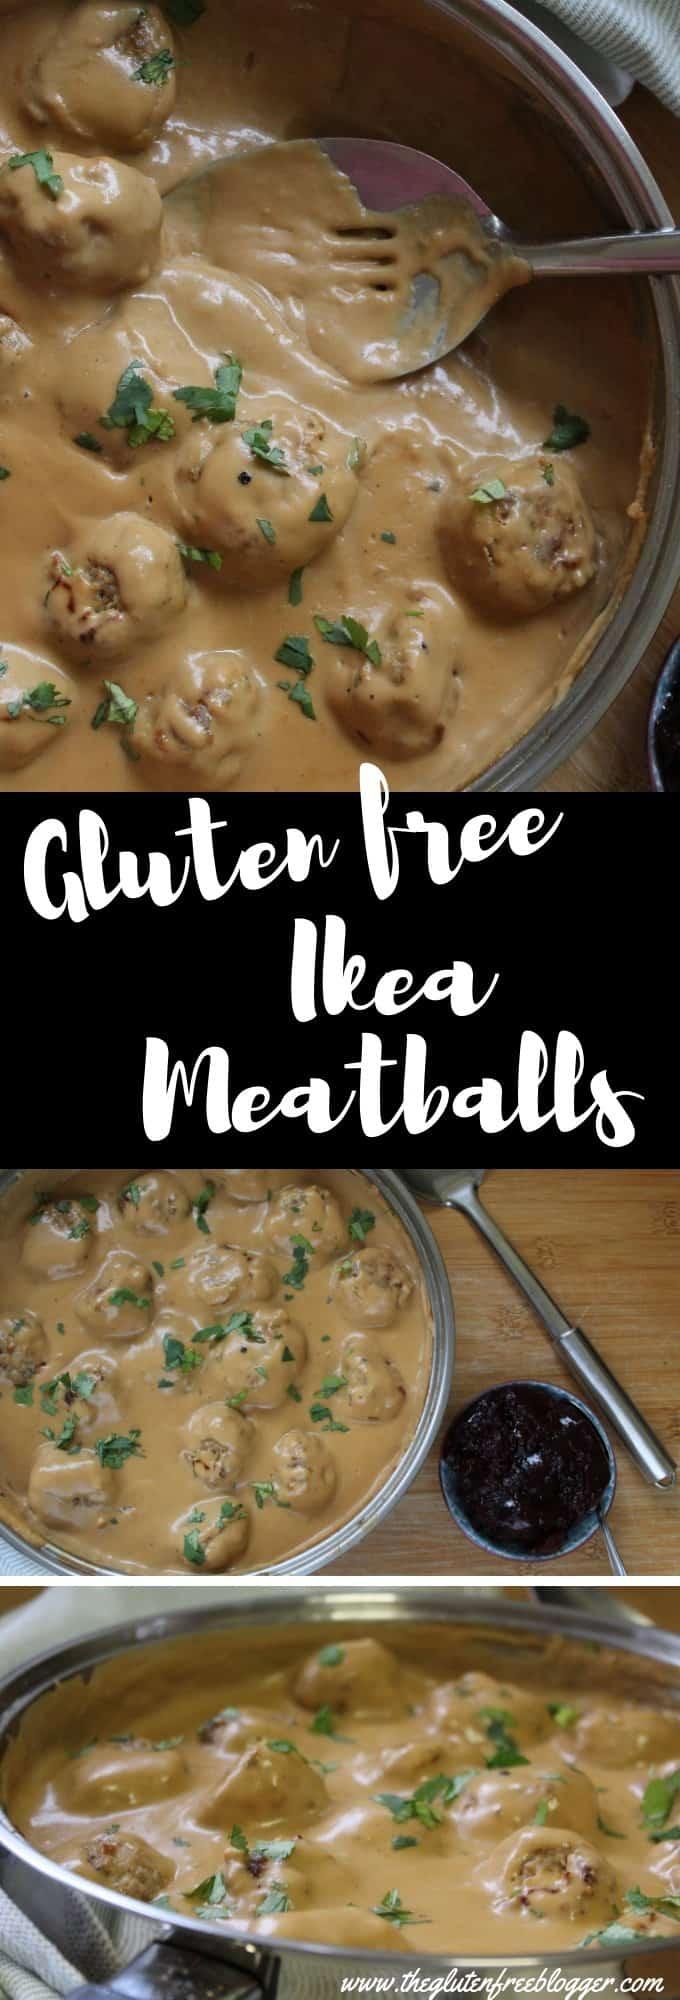 gluten free ikea meatballs pork meatballs recipe coeliac celiac